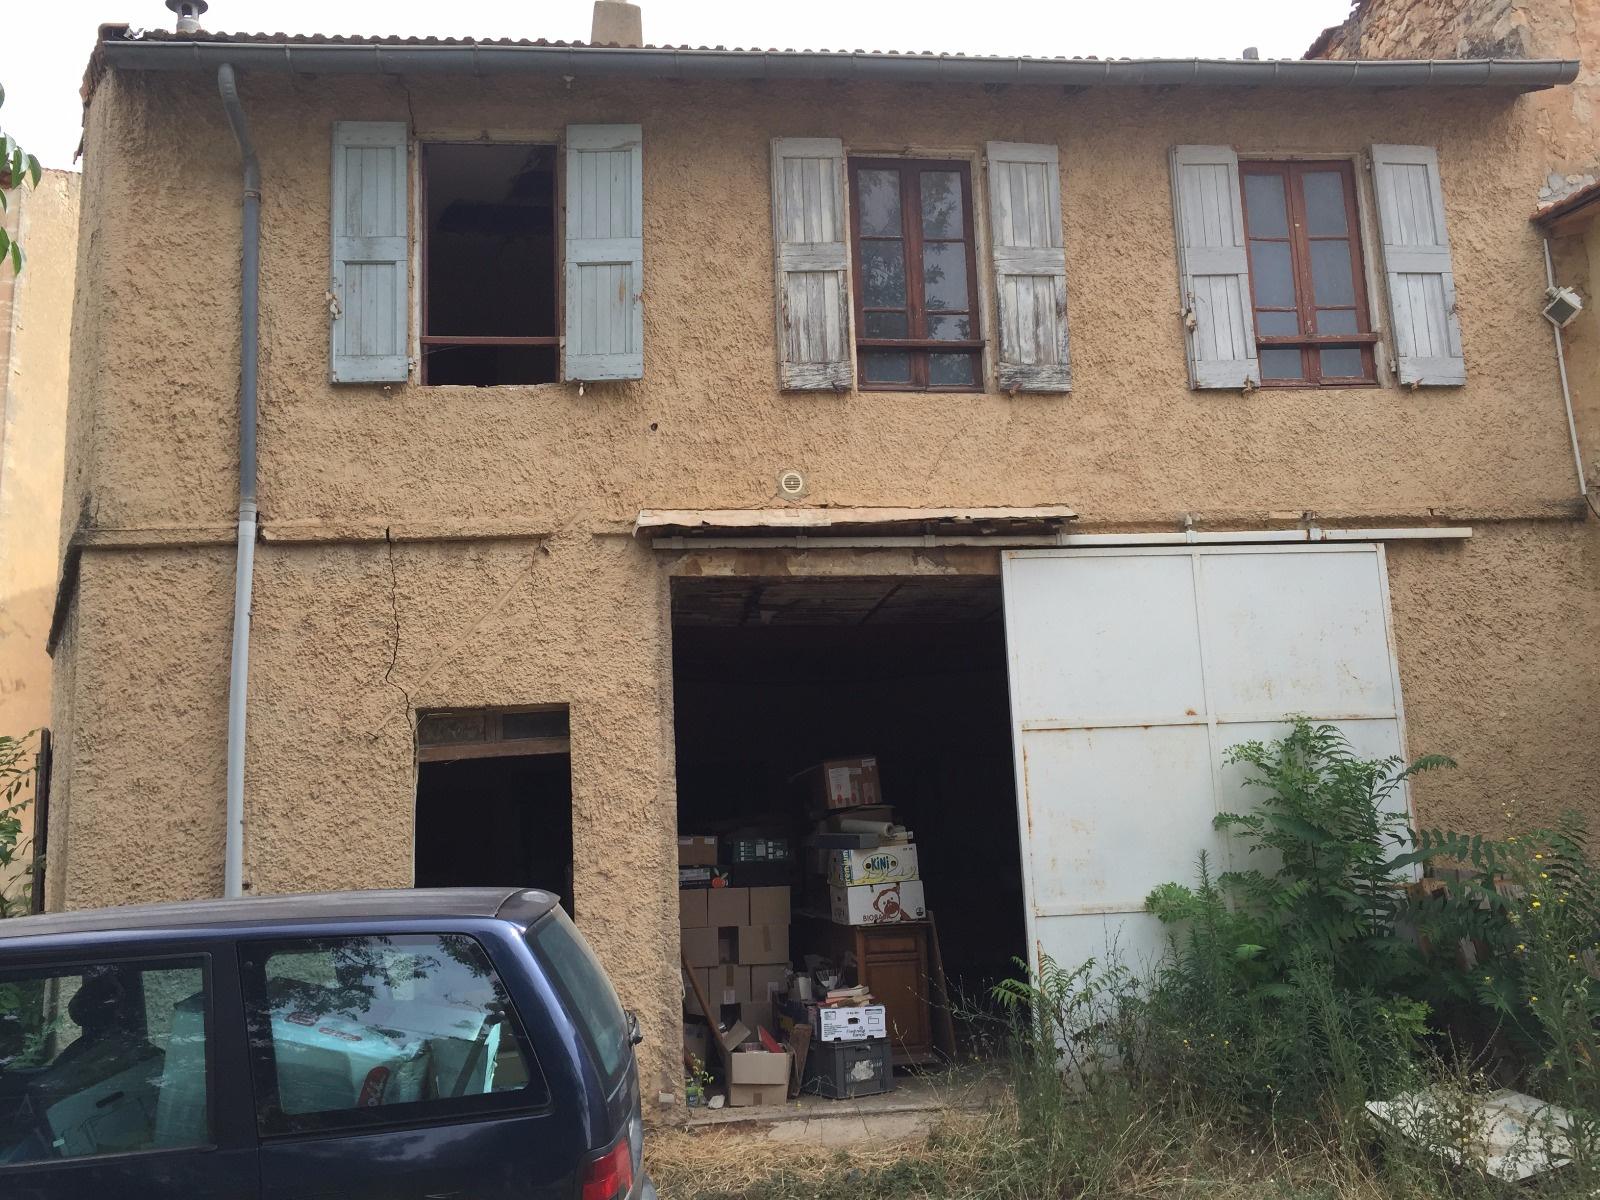 Vente a apt jolie maison r nover avec garage et espace for Renover son garage